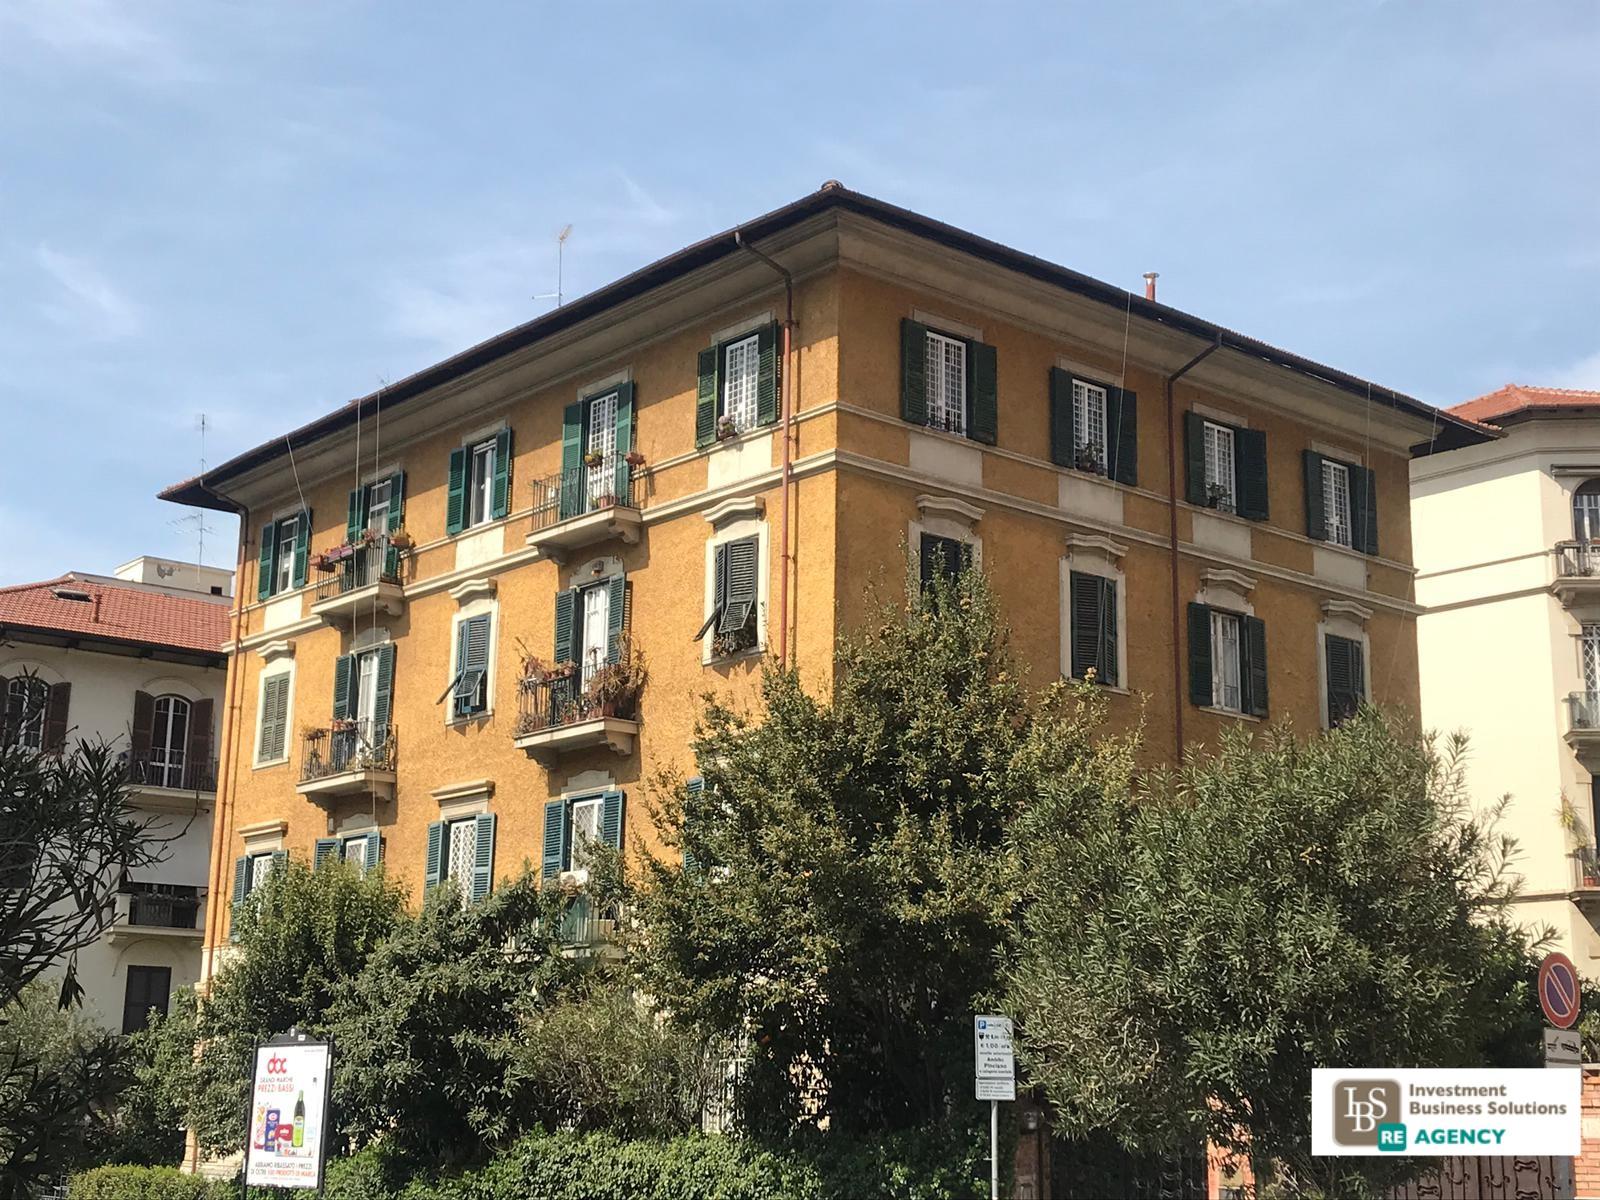 Appartamento in vendita a Roma, 7 locali, zona Zona: 2 . Flaminio, Parioli, Pinciano, Villa Borghese, prezzo € 1.080.000 | CambioCasa.it